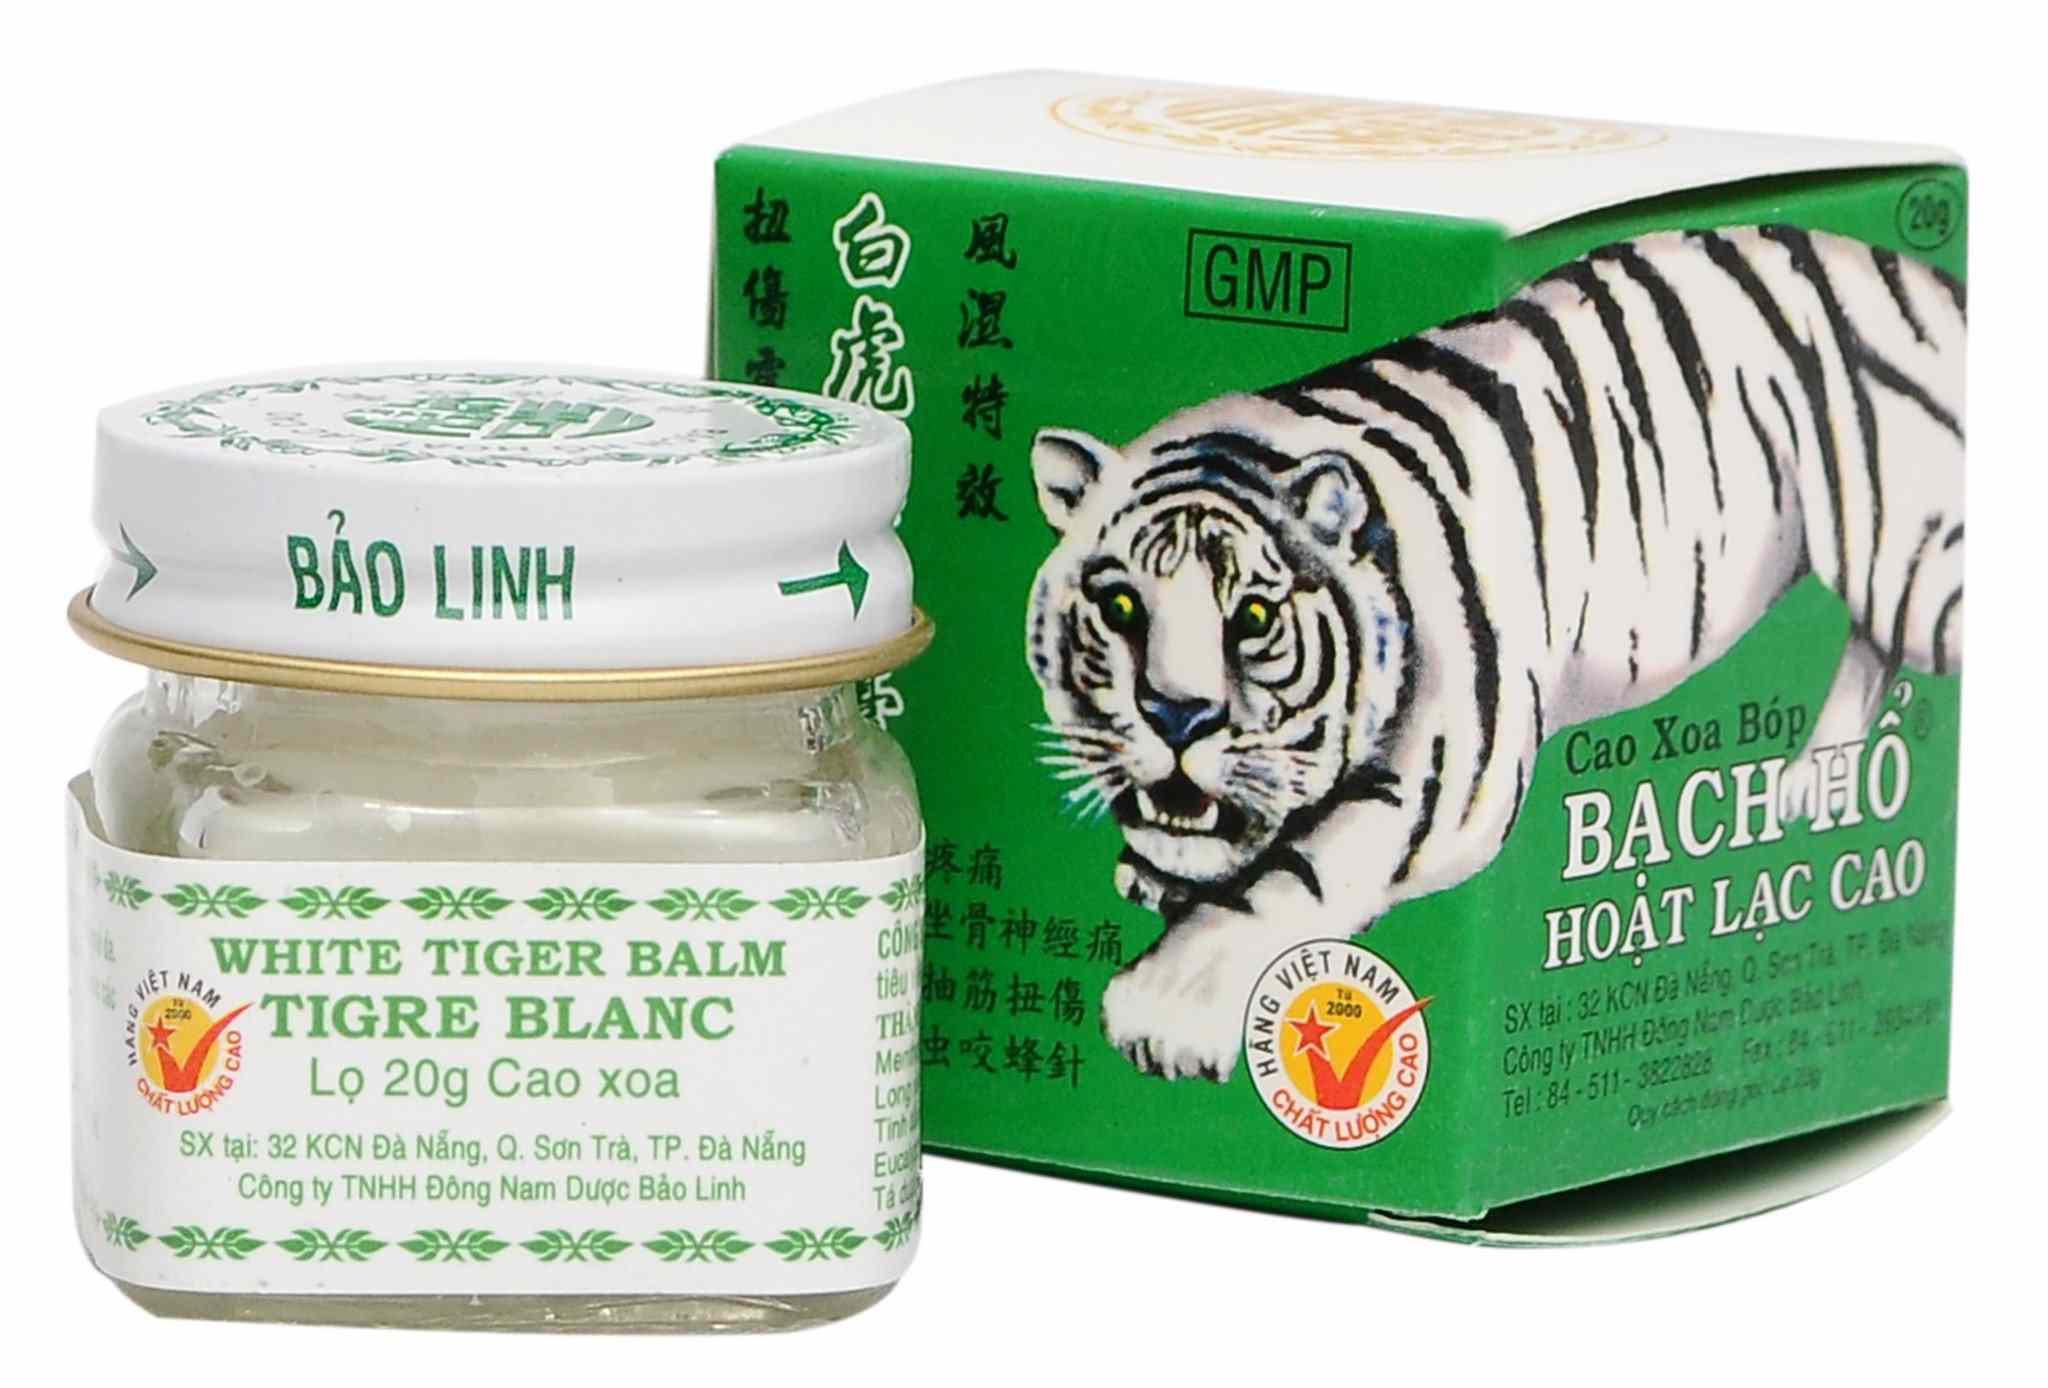 White Tiger Balm